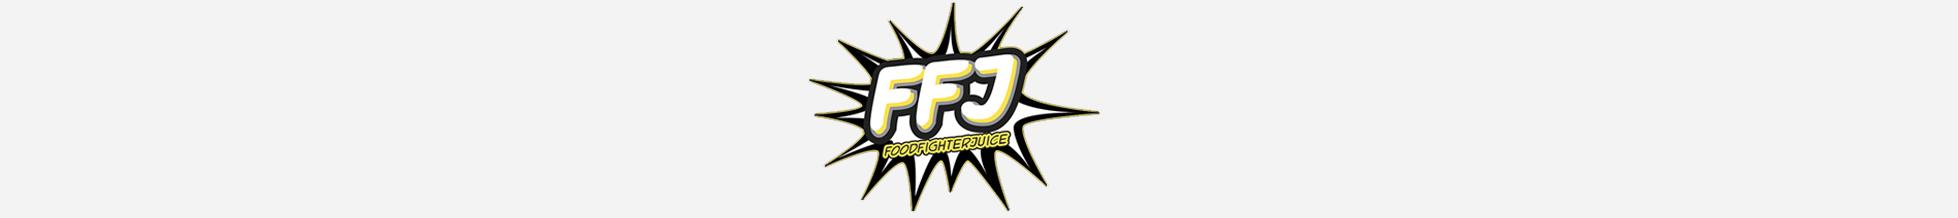 ffj.jpg